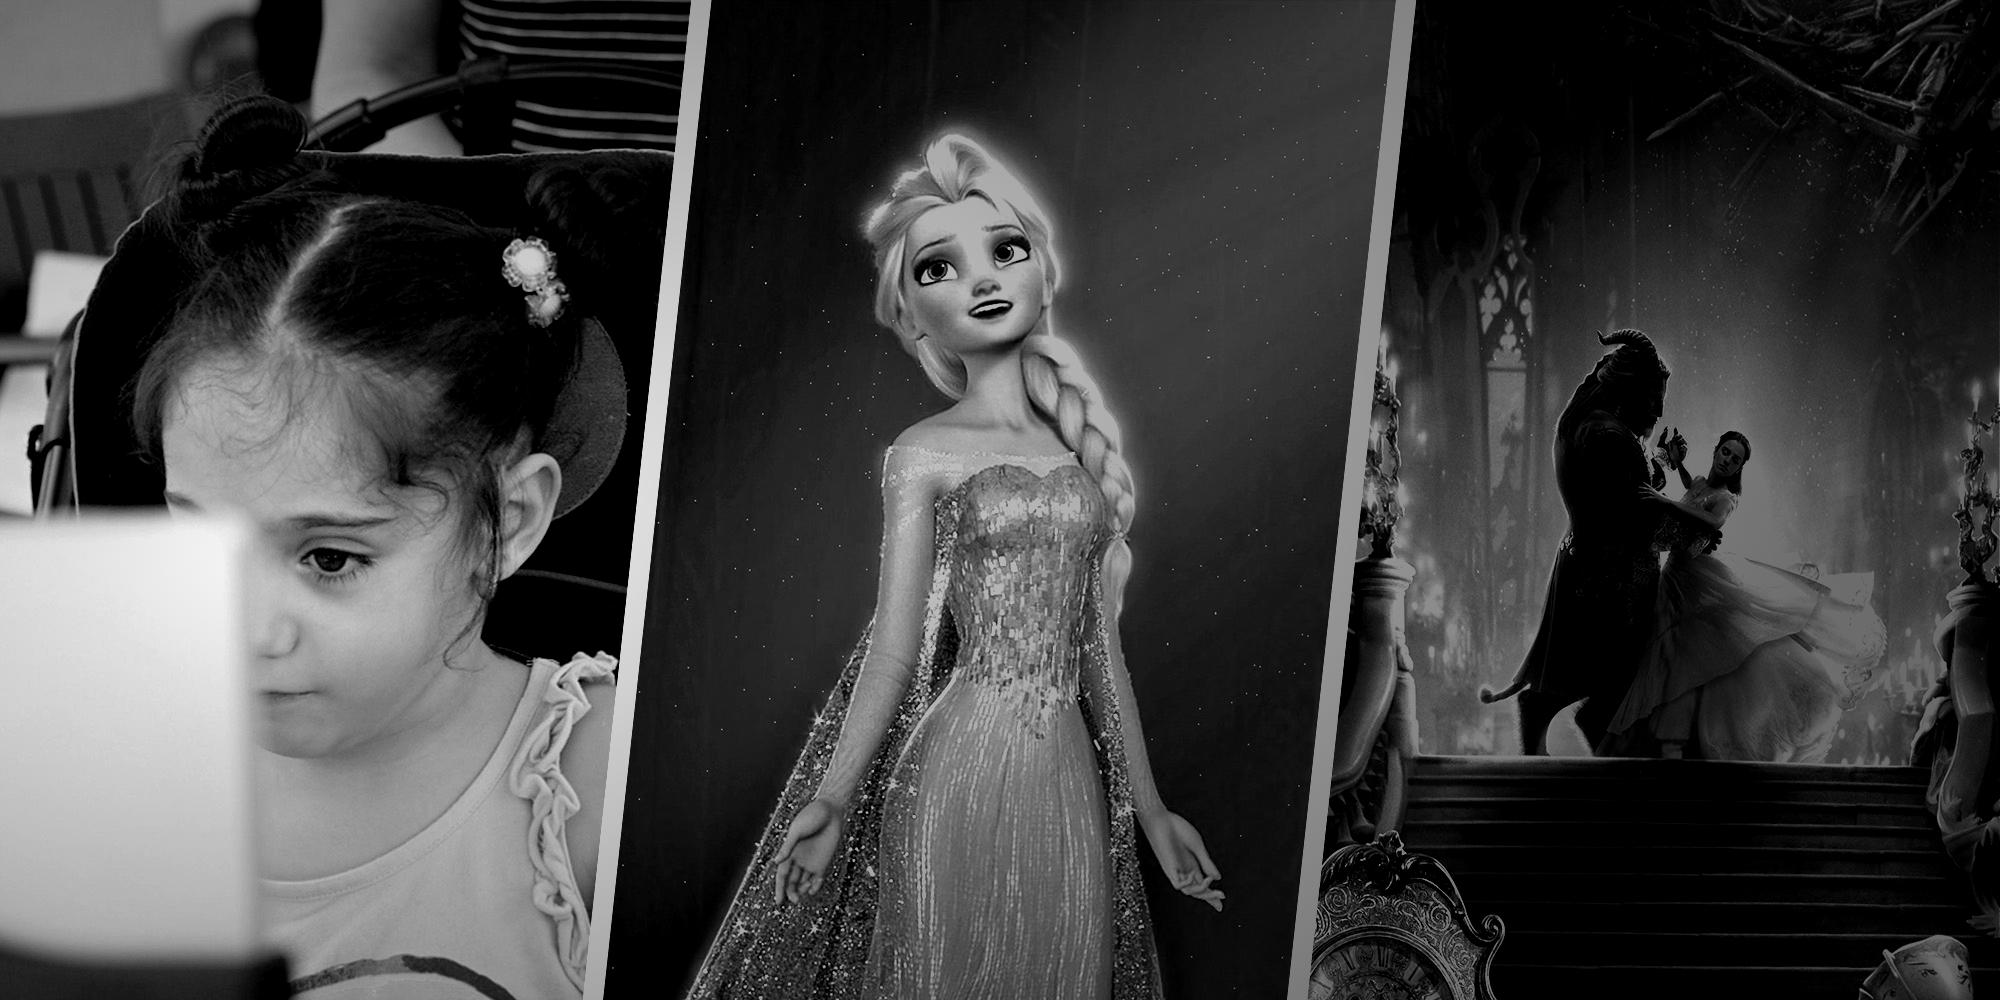 Dulce, y sus personajes favoritos: Frozen y Bella y Bestia